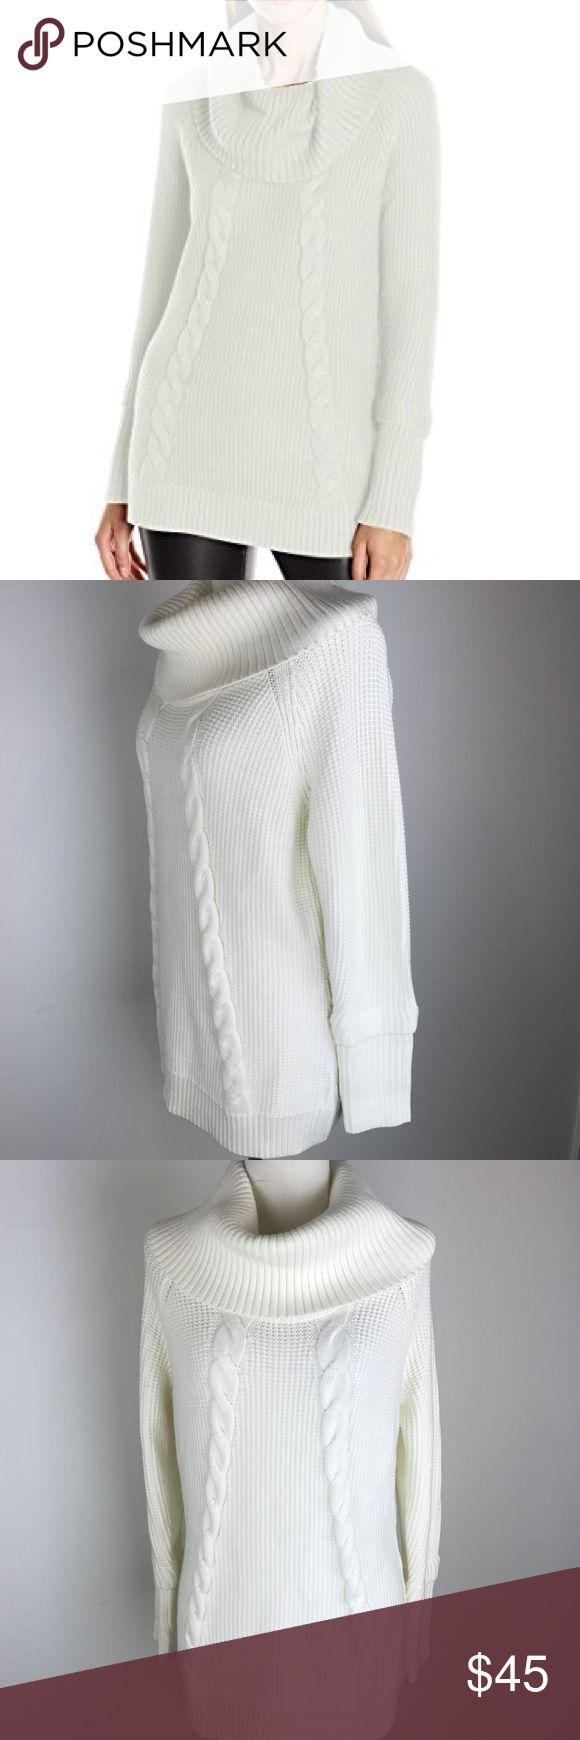 Calvin Klein Women's Cowl Neck Sweater Calvin Klein Women's Cowl Neck Sweater W/ Thermal Stitch. Calvin Klein Sweaters Cowl & Turtlenecks